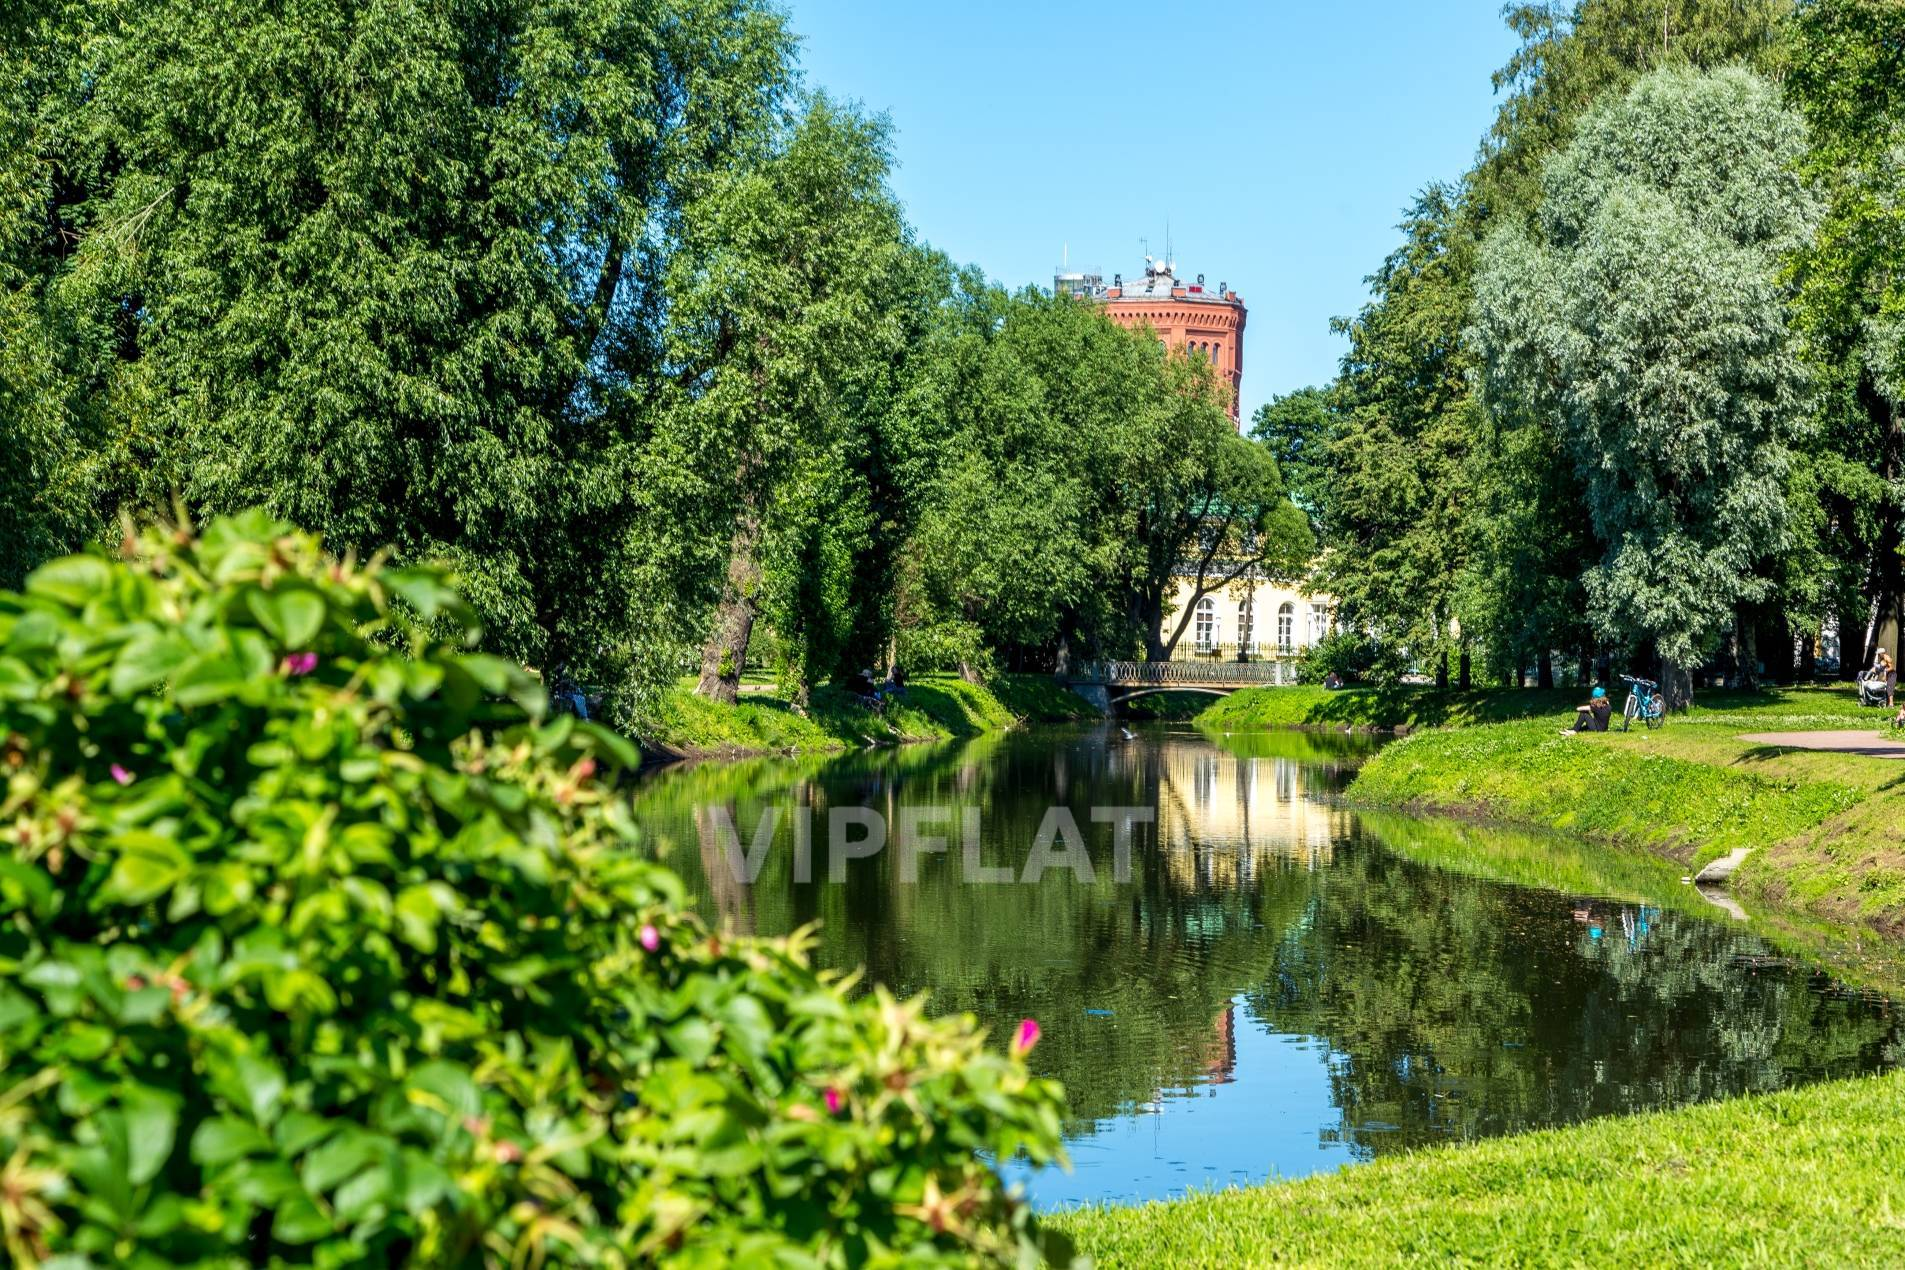 Продажа элитных квартир Санкт-Петербурга. Басков пер., 2 Таврический сад недалеко от дома